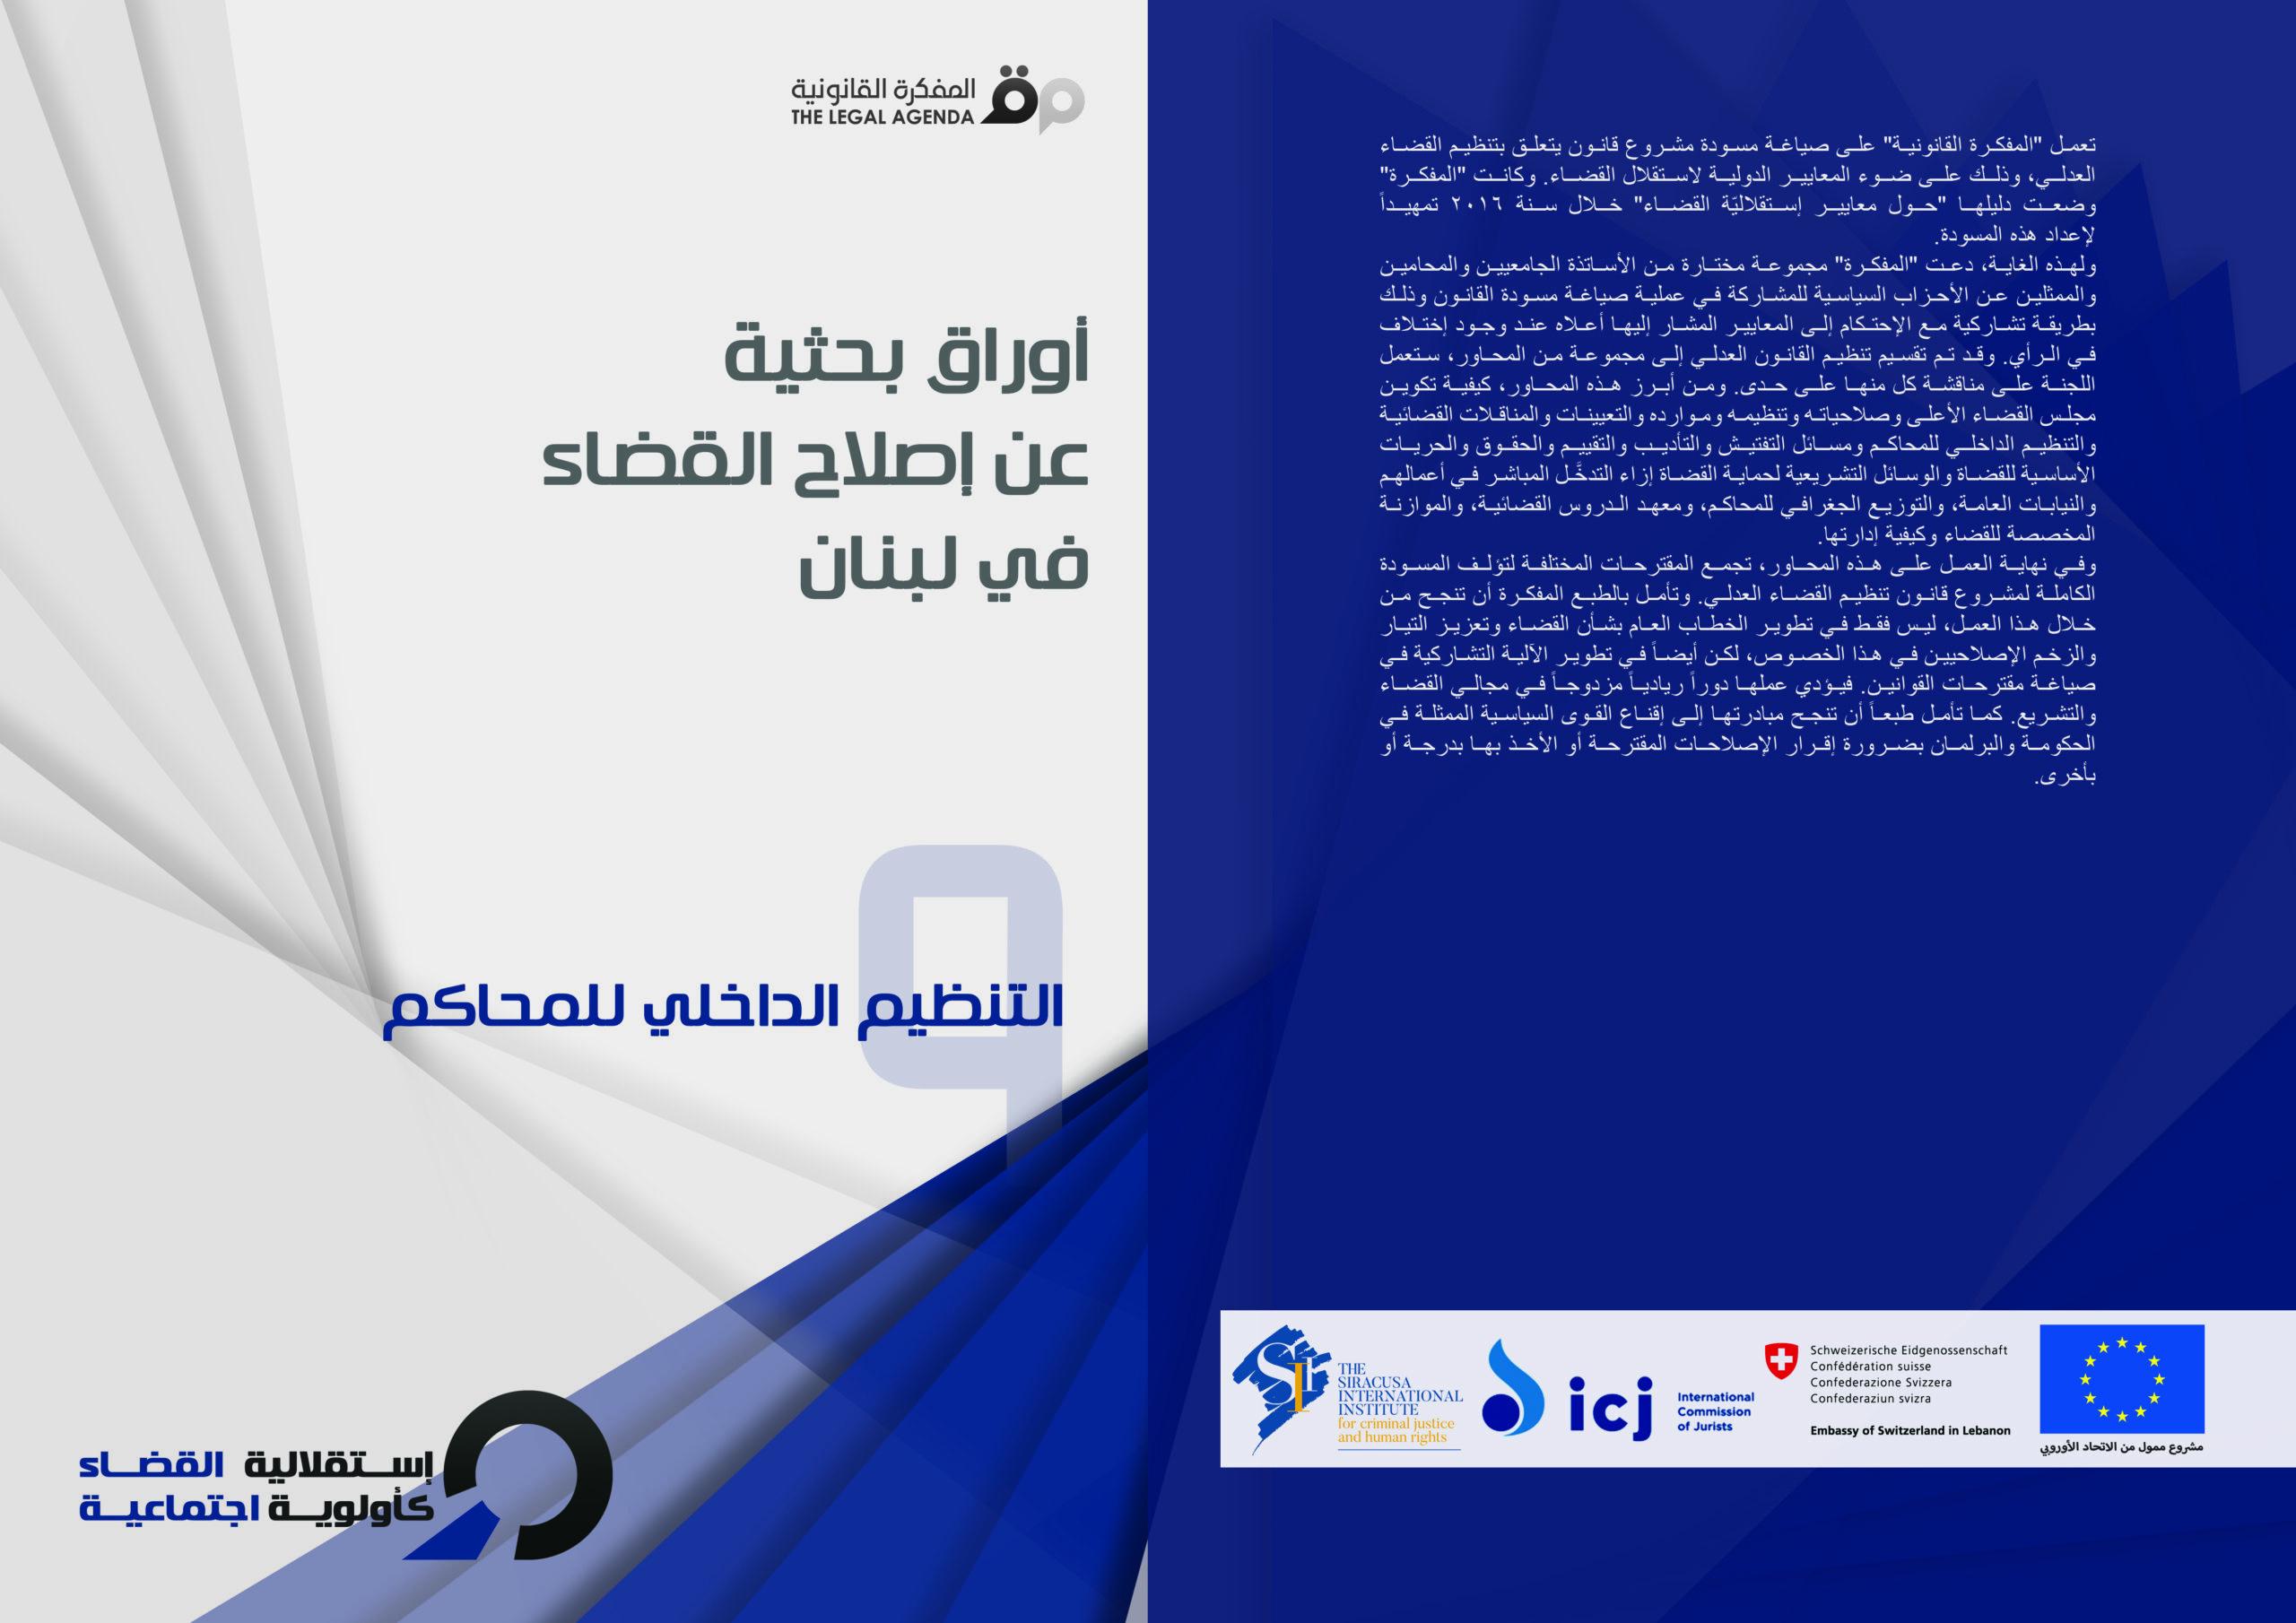 المفكرة تنشر ورقتها البحثية ال 9 حول إصلاح القضاء في لبنان: التنظيم الداخلي للمحاكم